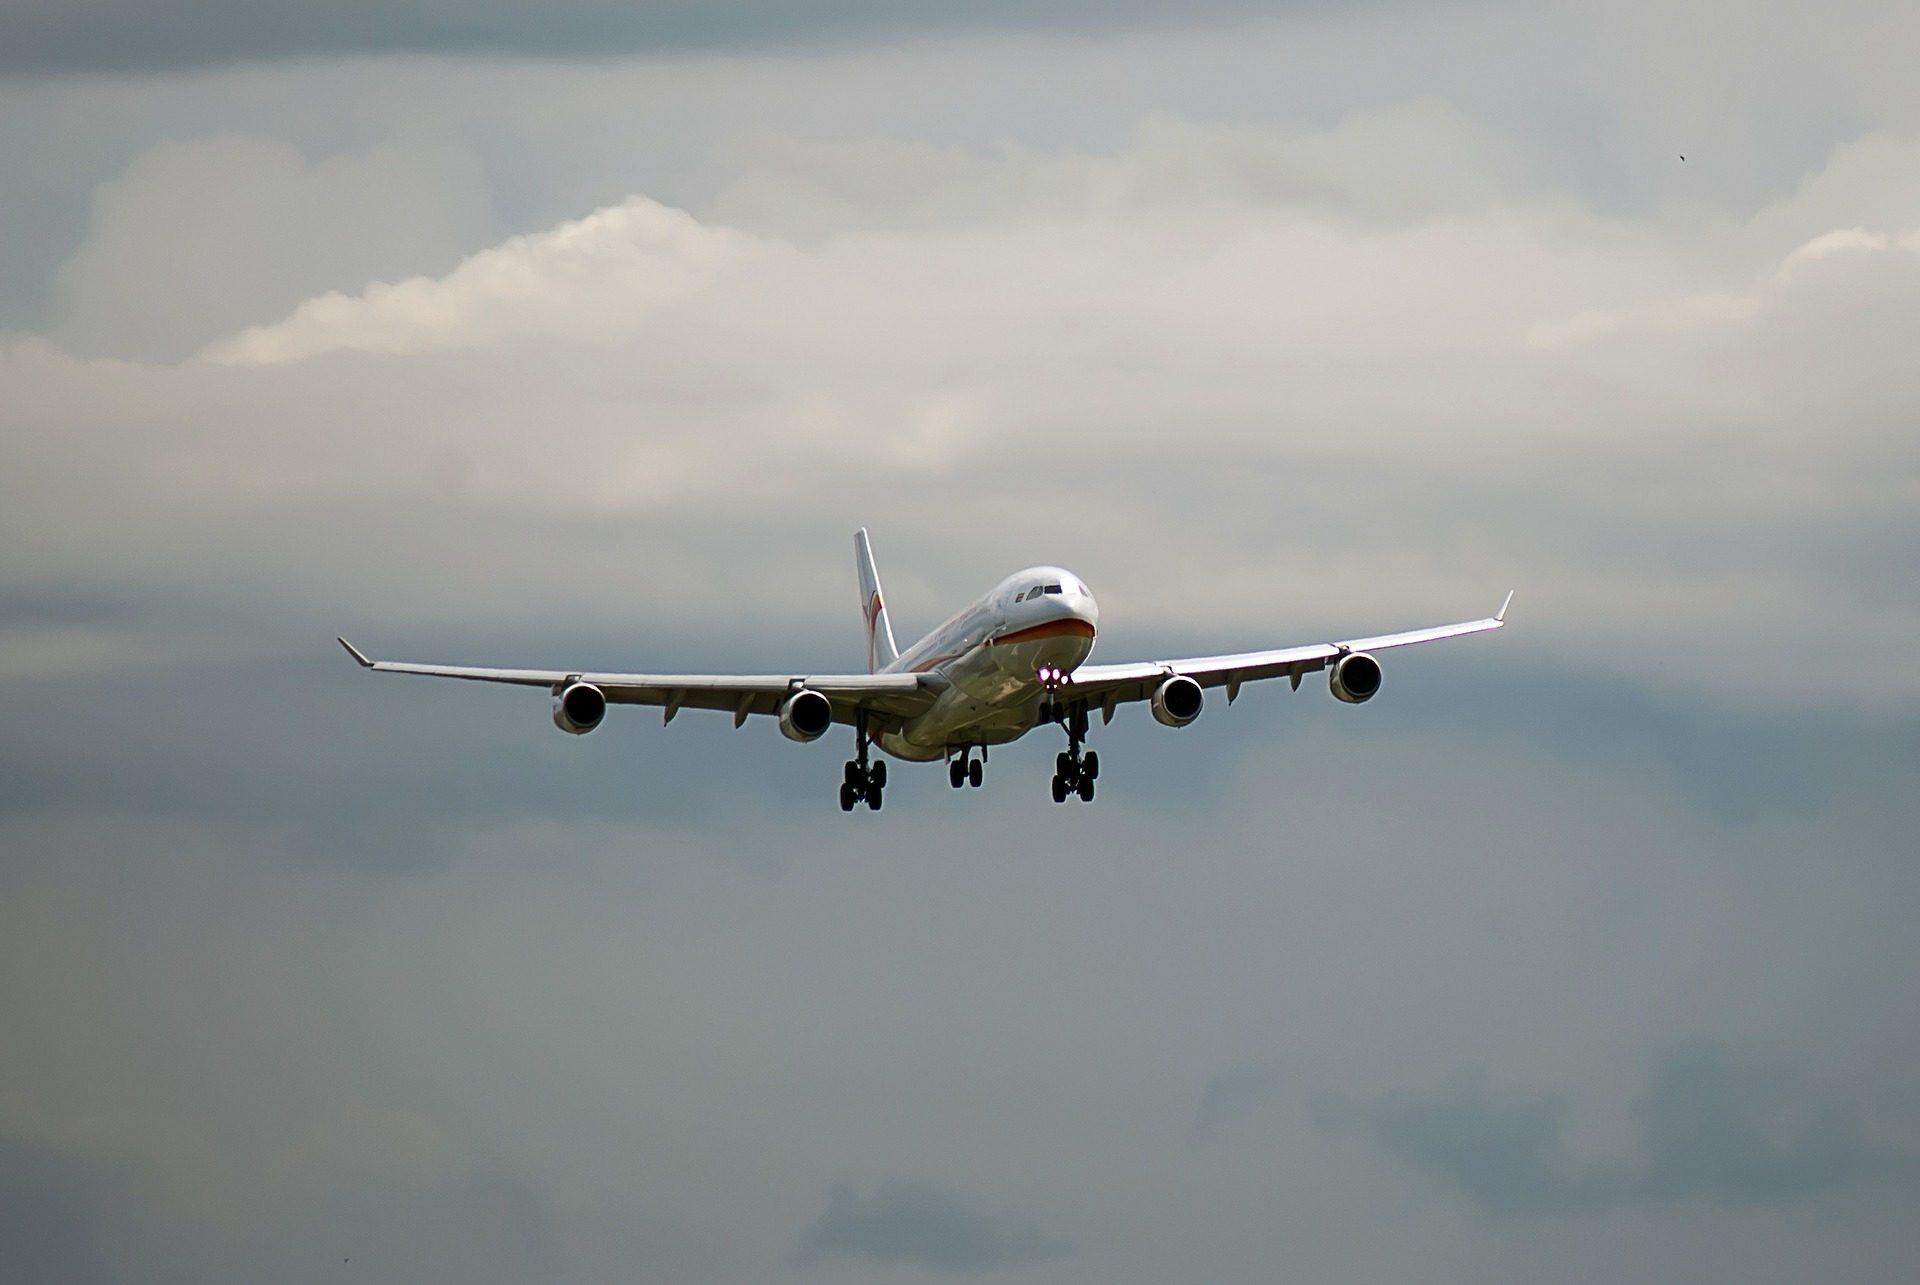 aviões, voo, asas, Céu, nublado - Papéis de parede HD - Professor-falken.com